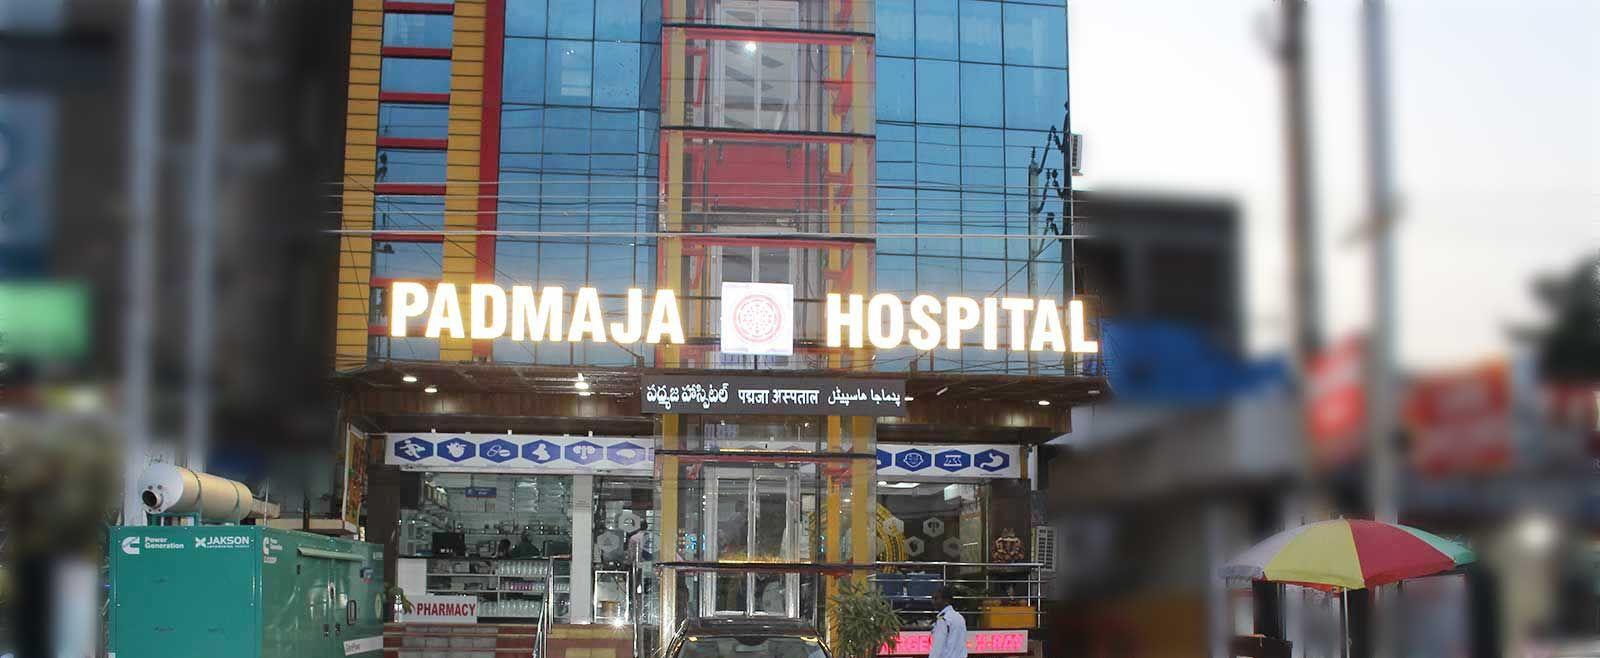 Padmaja Hospital